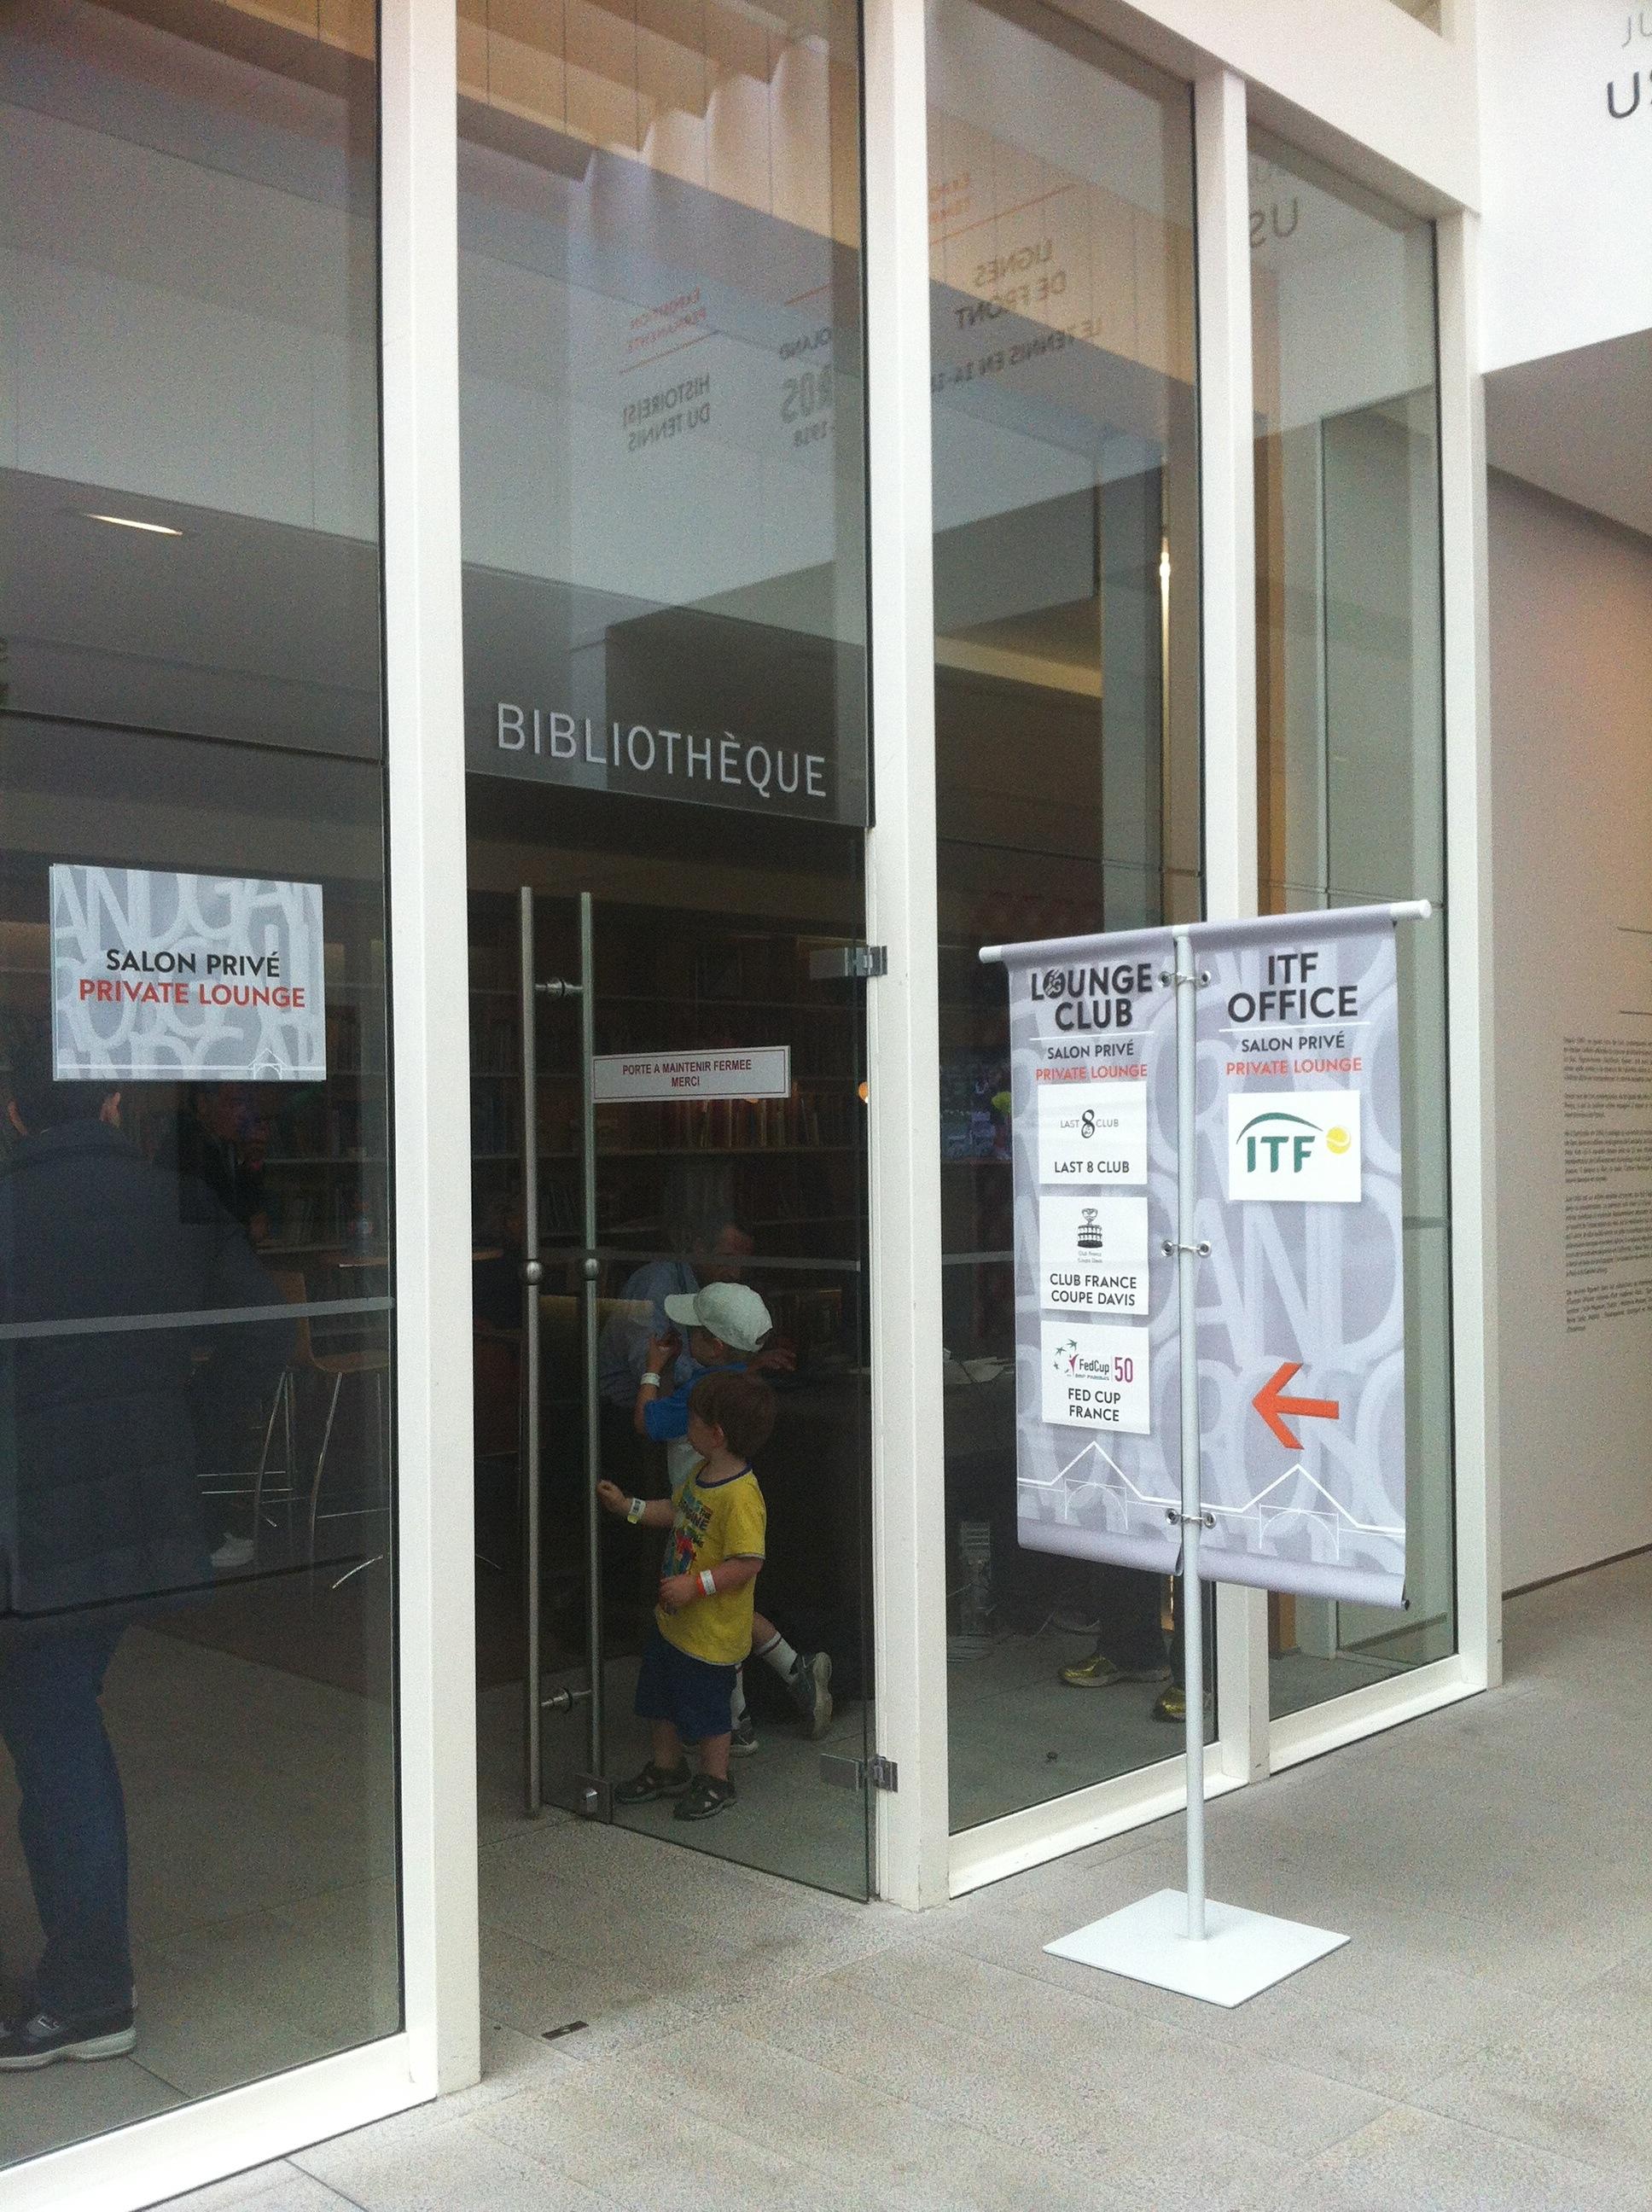 À droite en sortant, face à l'exposition permanente se trouve la bibliothèque du musée, où l'on peut d'ailleurs consulter le mémoires de Roland Garros.